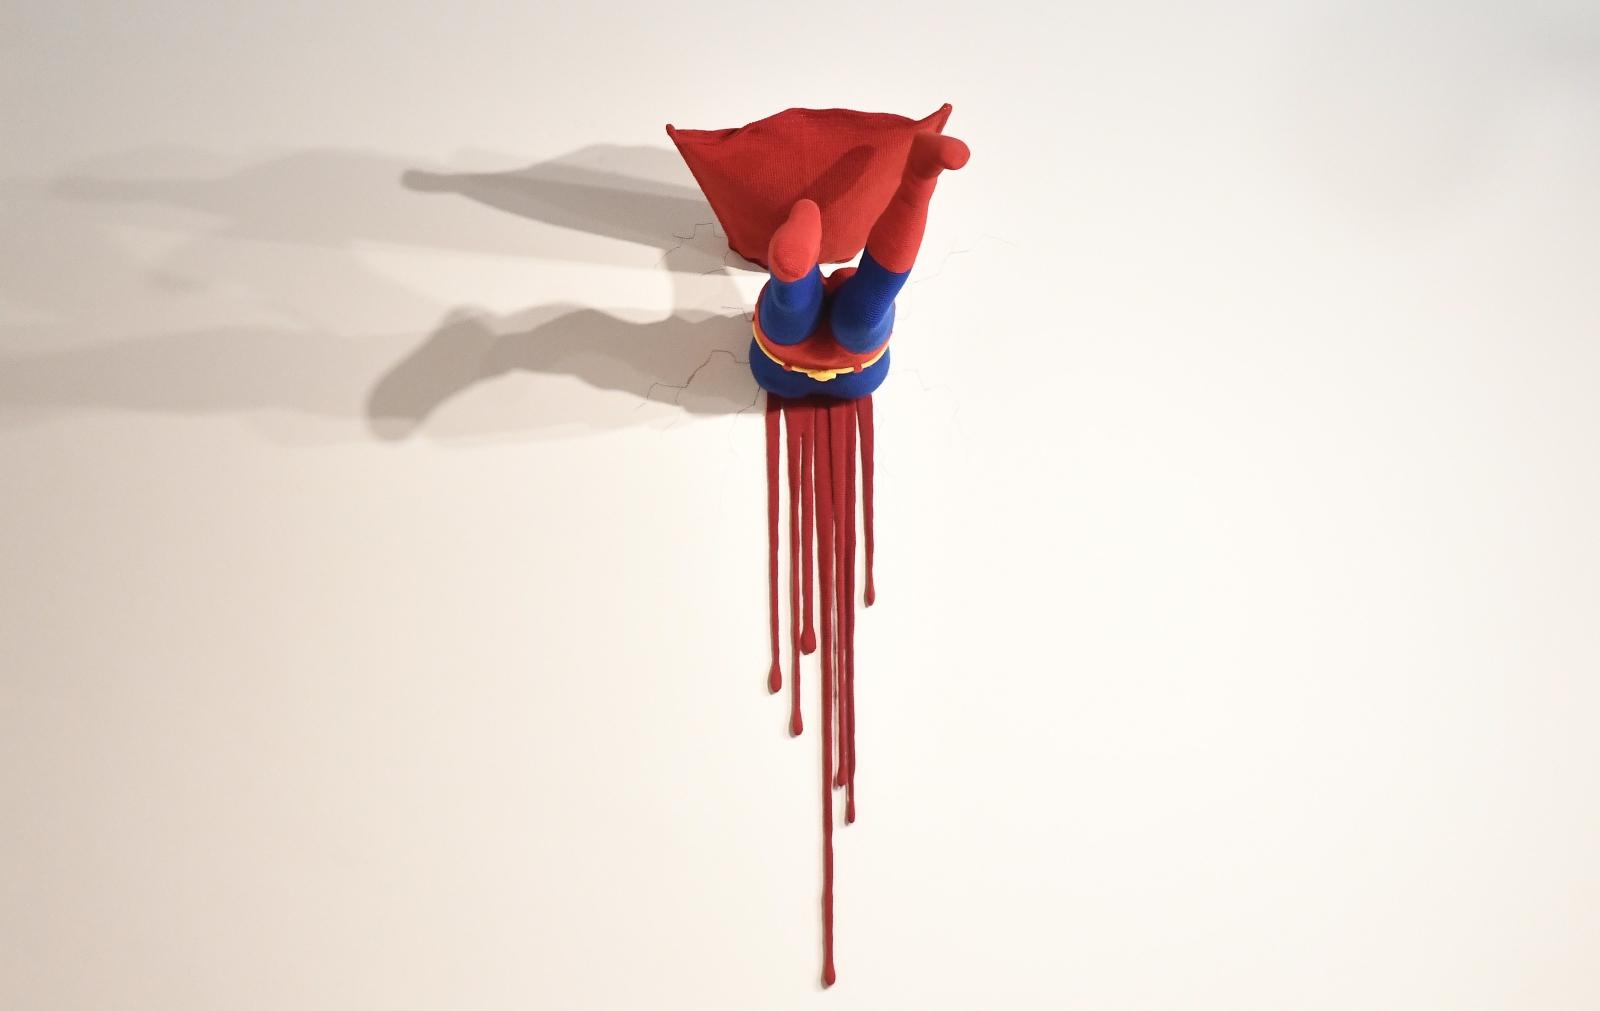 Dzieło artystyczne, wbity w ścianę Supermana. Rezydencja Baden Wuerttemberg w Berlinie, Niemcy.